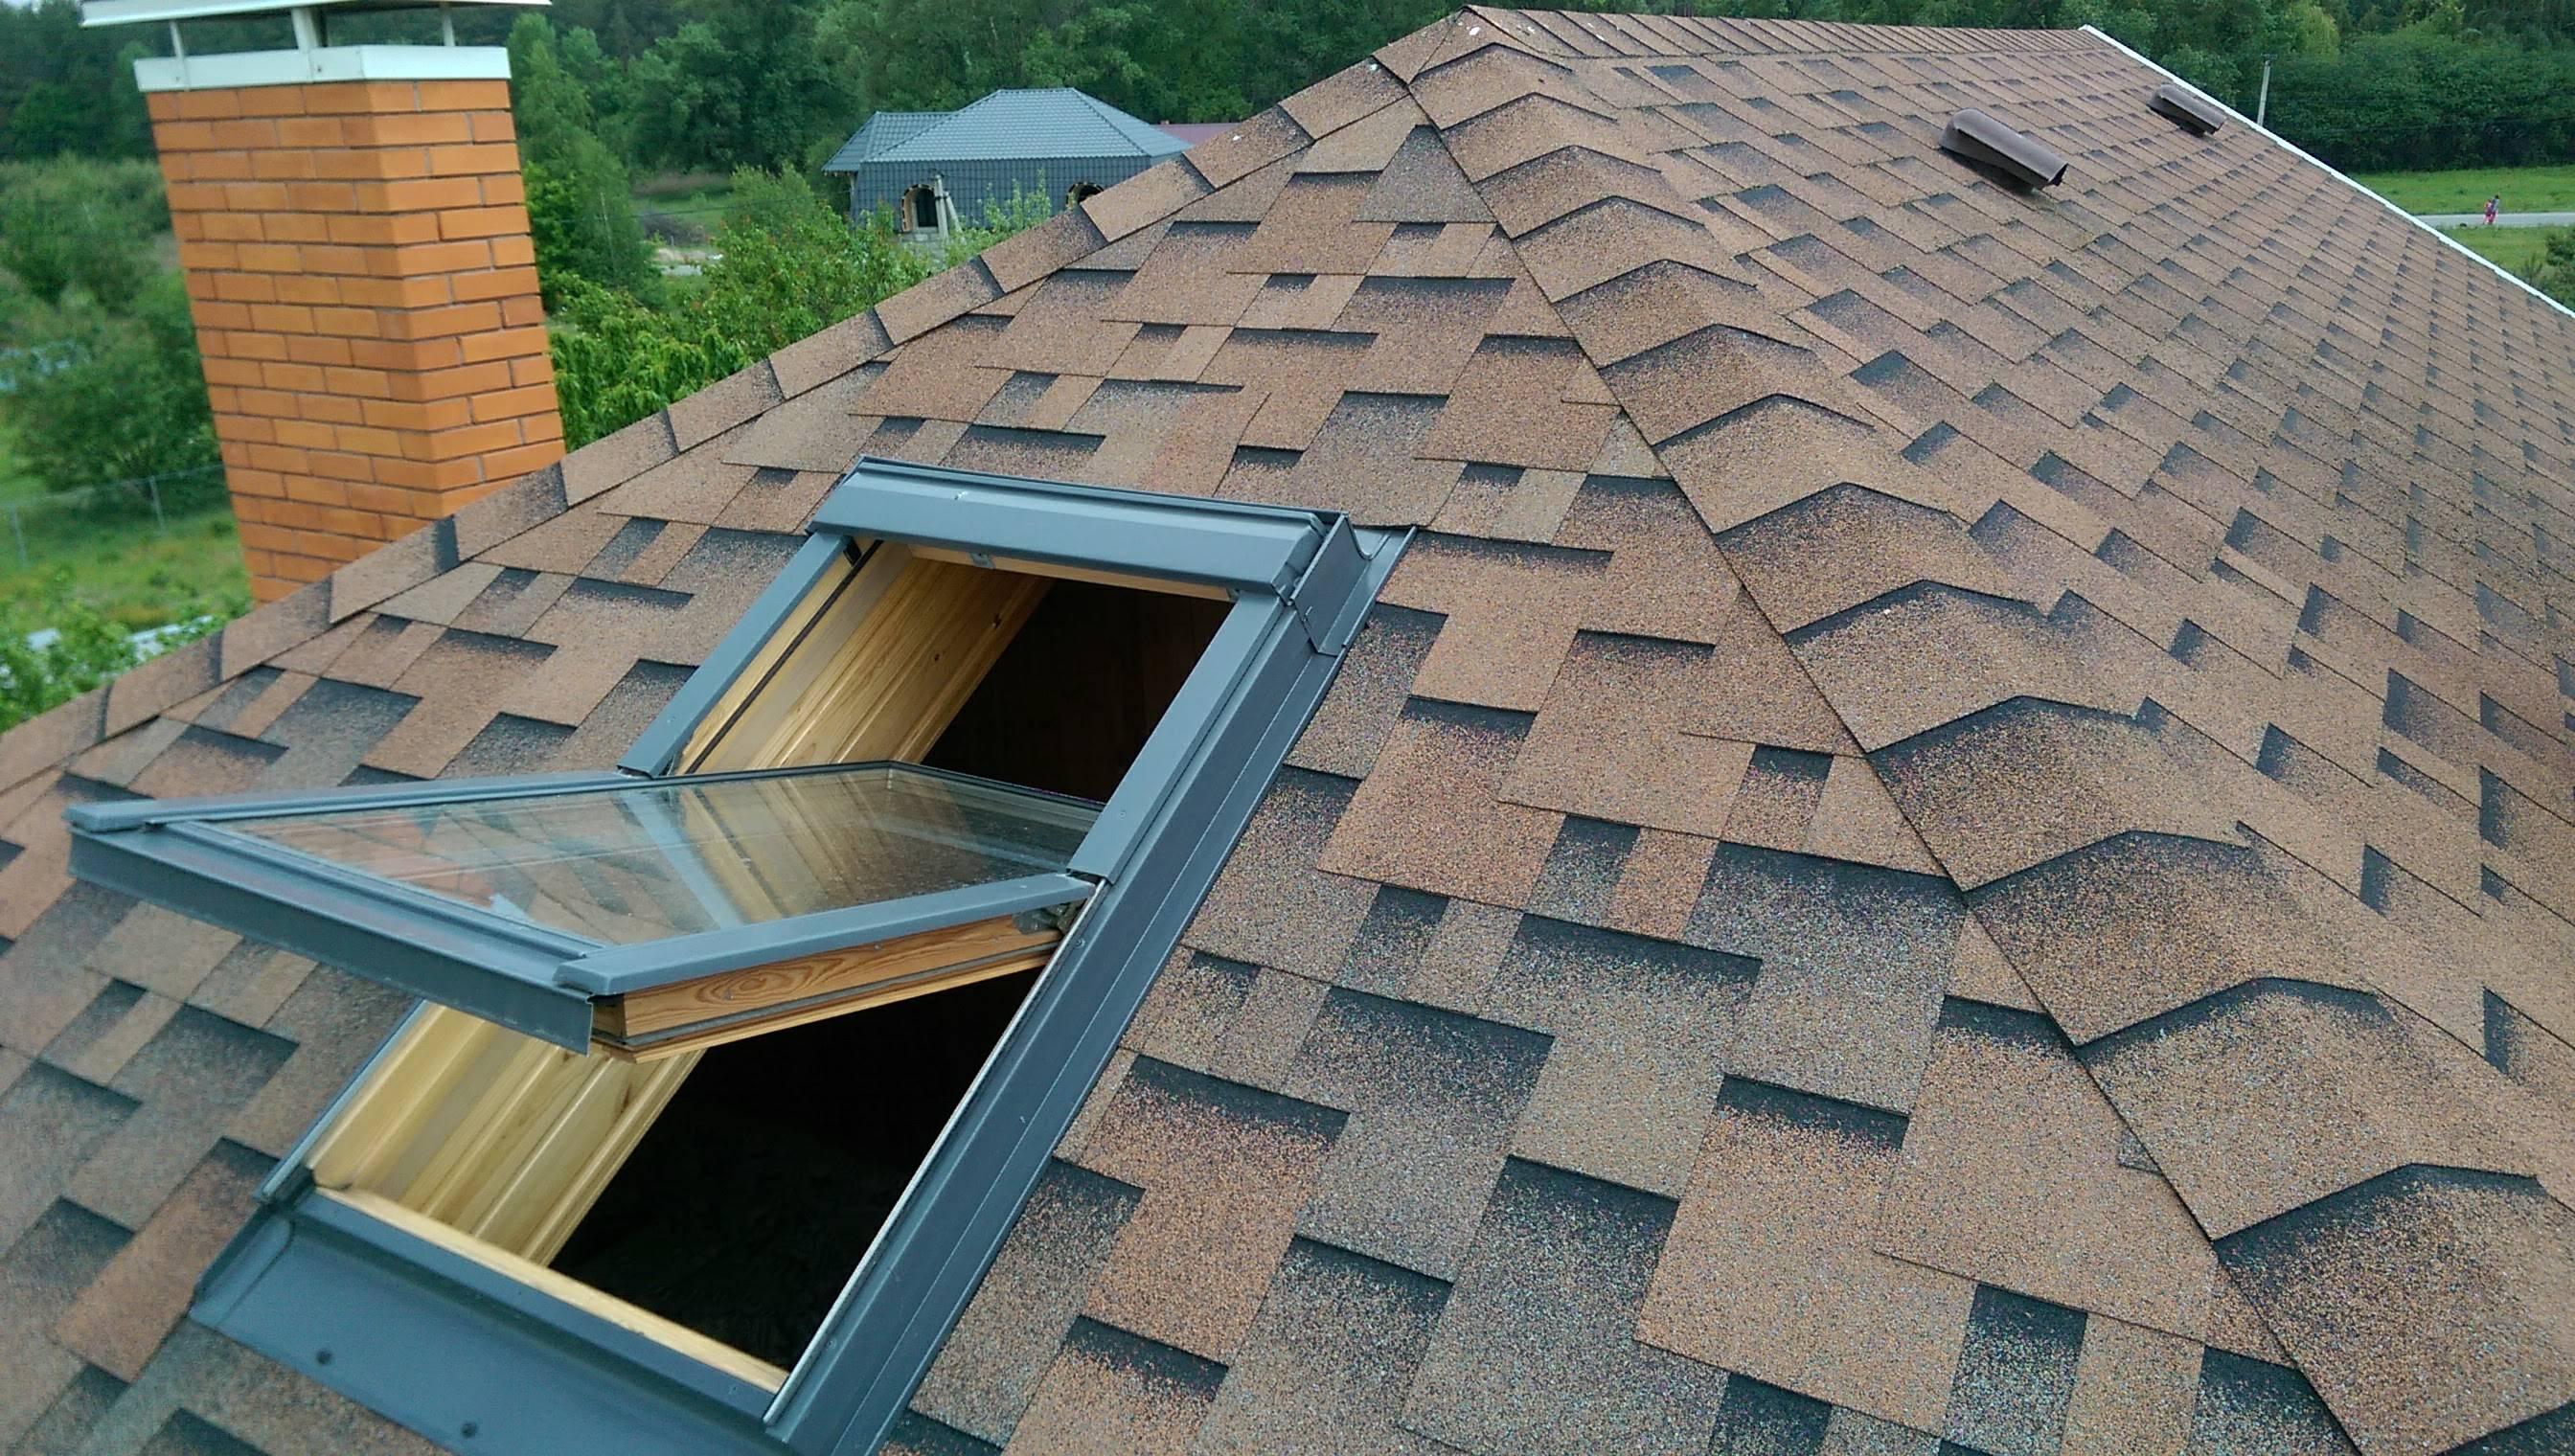 Ремонт мягкой кровли: технология, состав, снип, смета, так же как отремонтировать крышу гаража